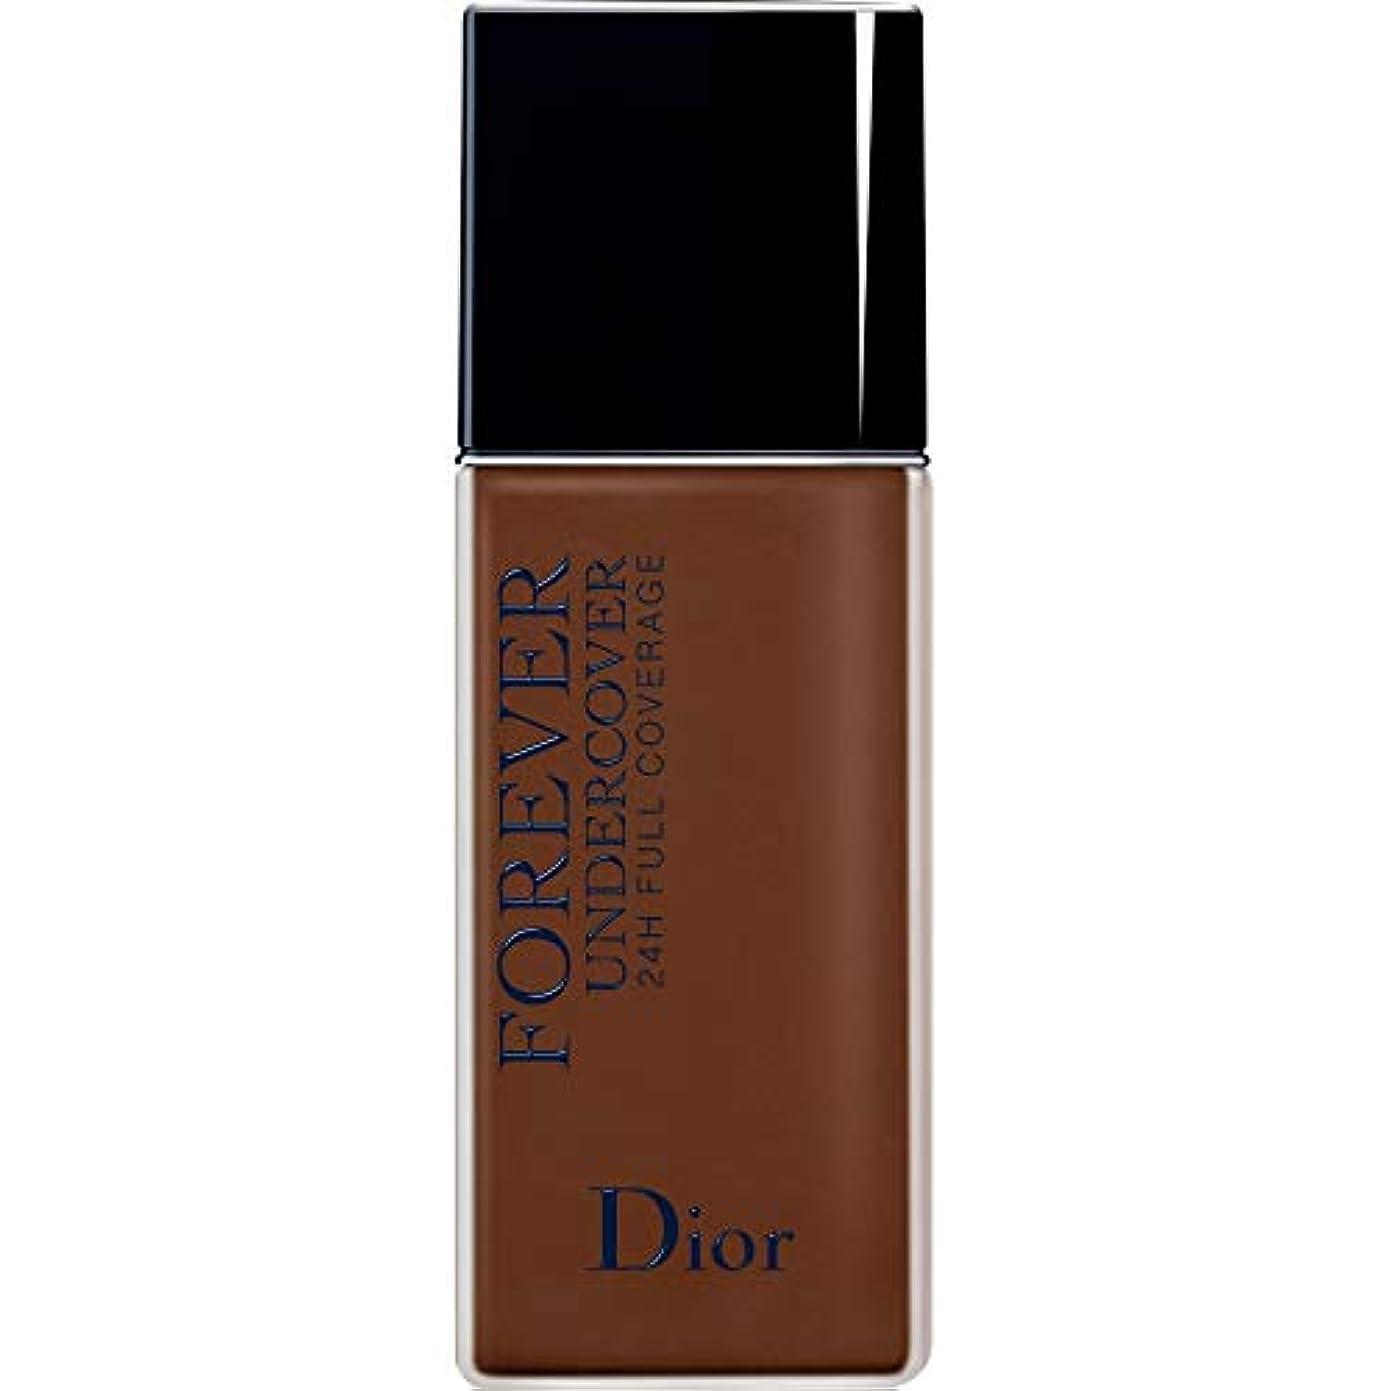 別れる租界メリー[Dior ] ディオールディオールスキン永遠アンダーカバーフルカバーの基礎40ミリリットル080 - 黒檀 - DIOR Diorskin Forever Undercover Full Coverage Foundation...